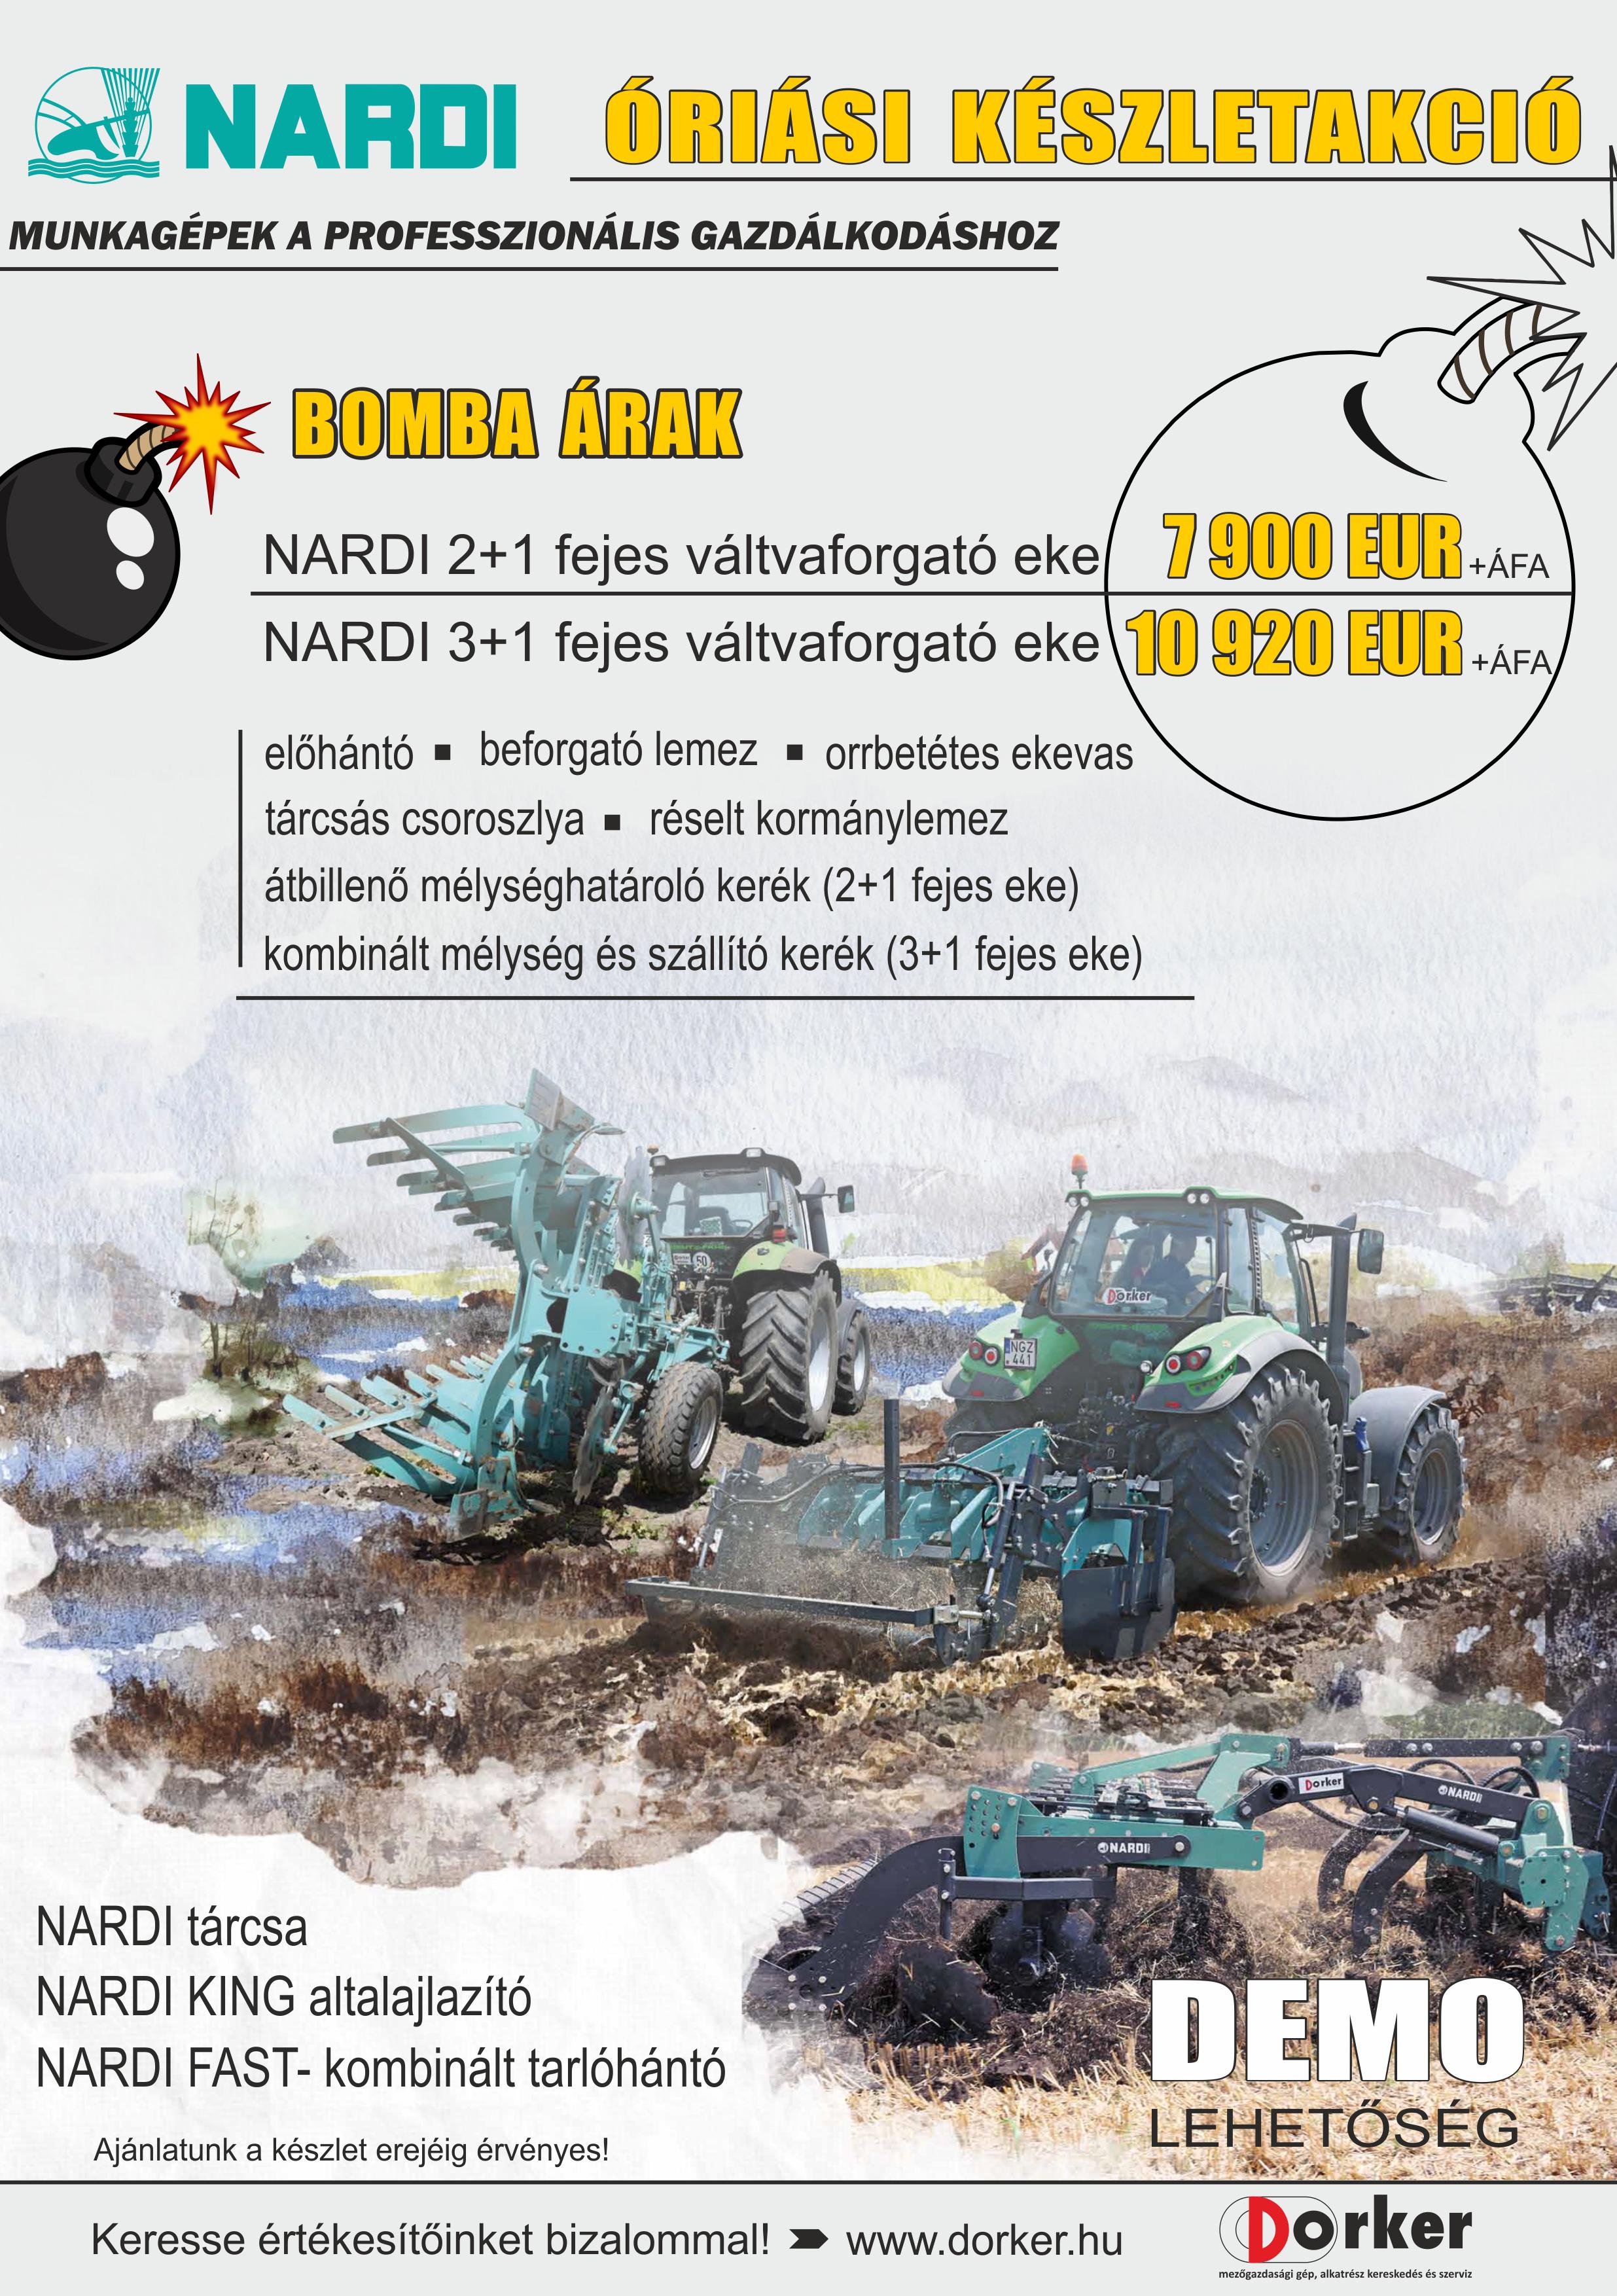 Nardi készletakció 2018 augusztus.jpg